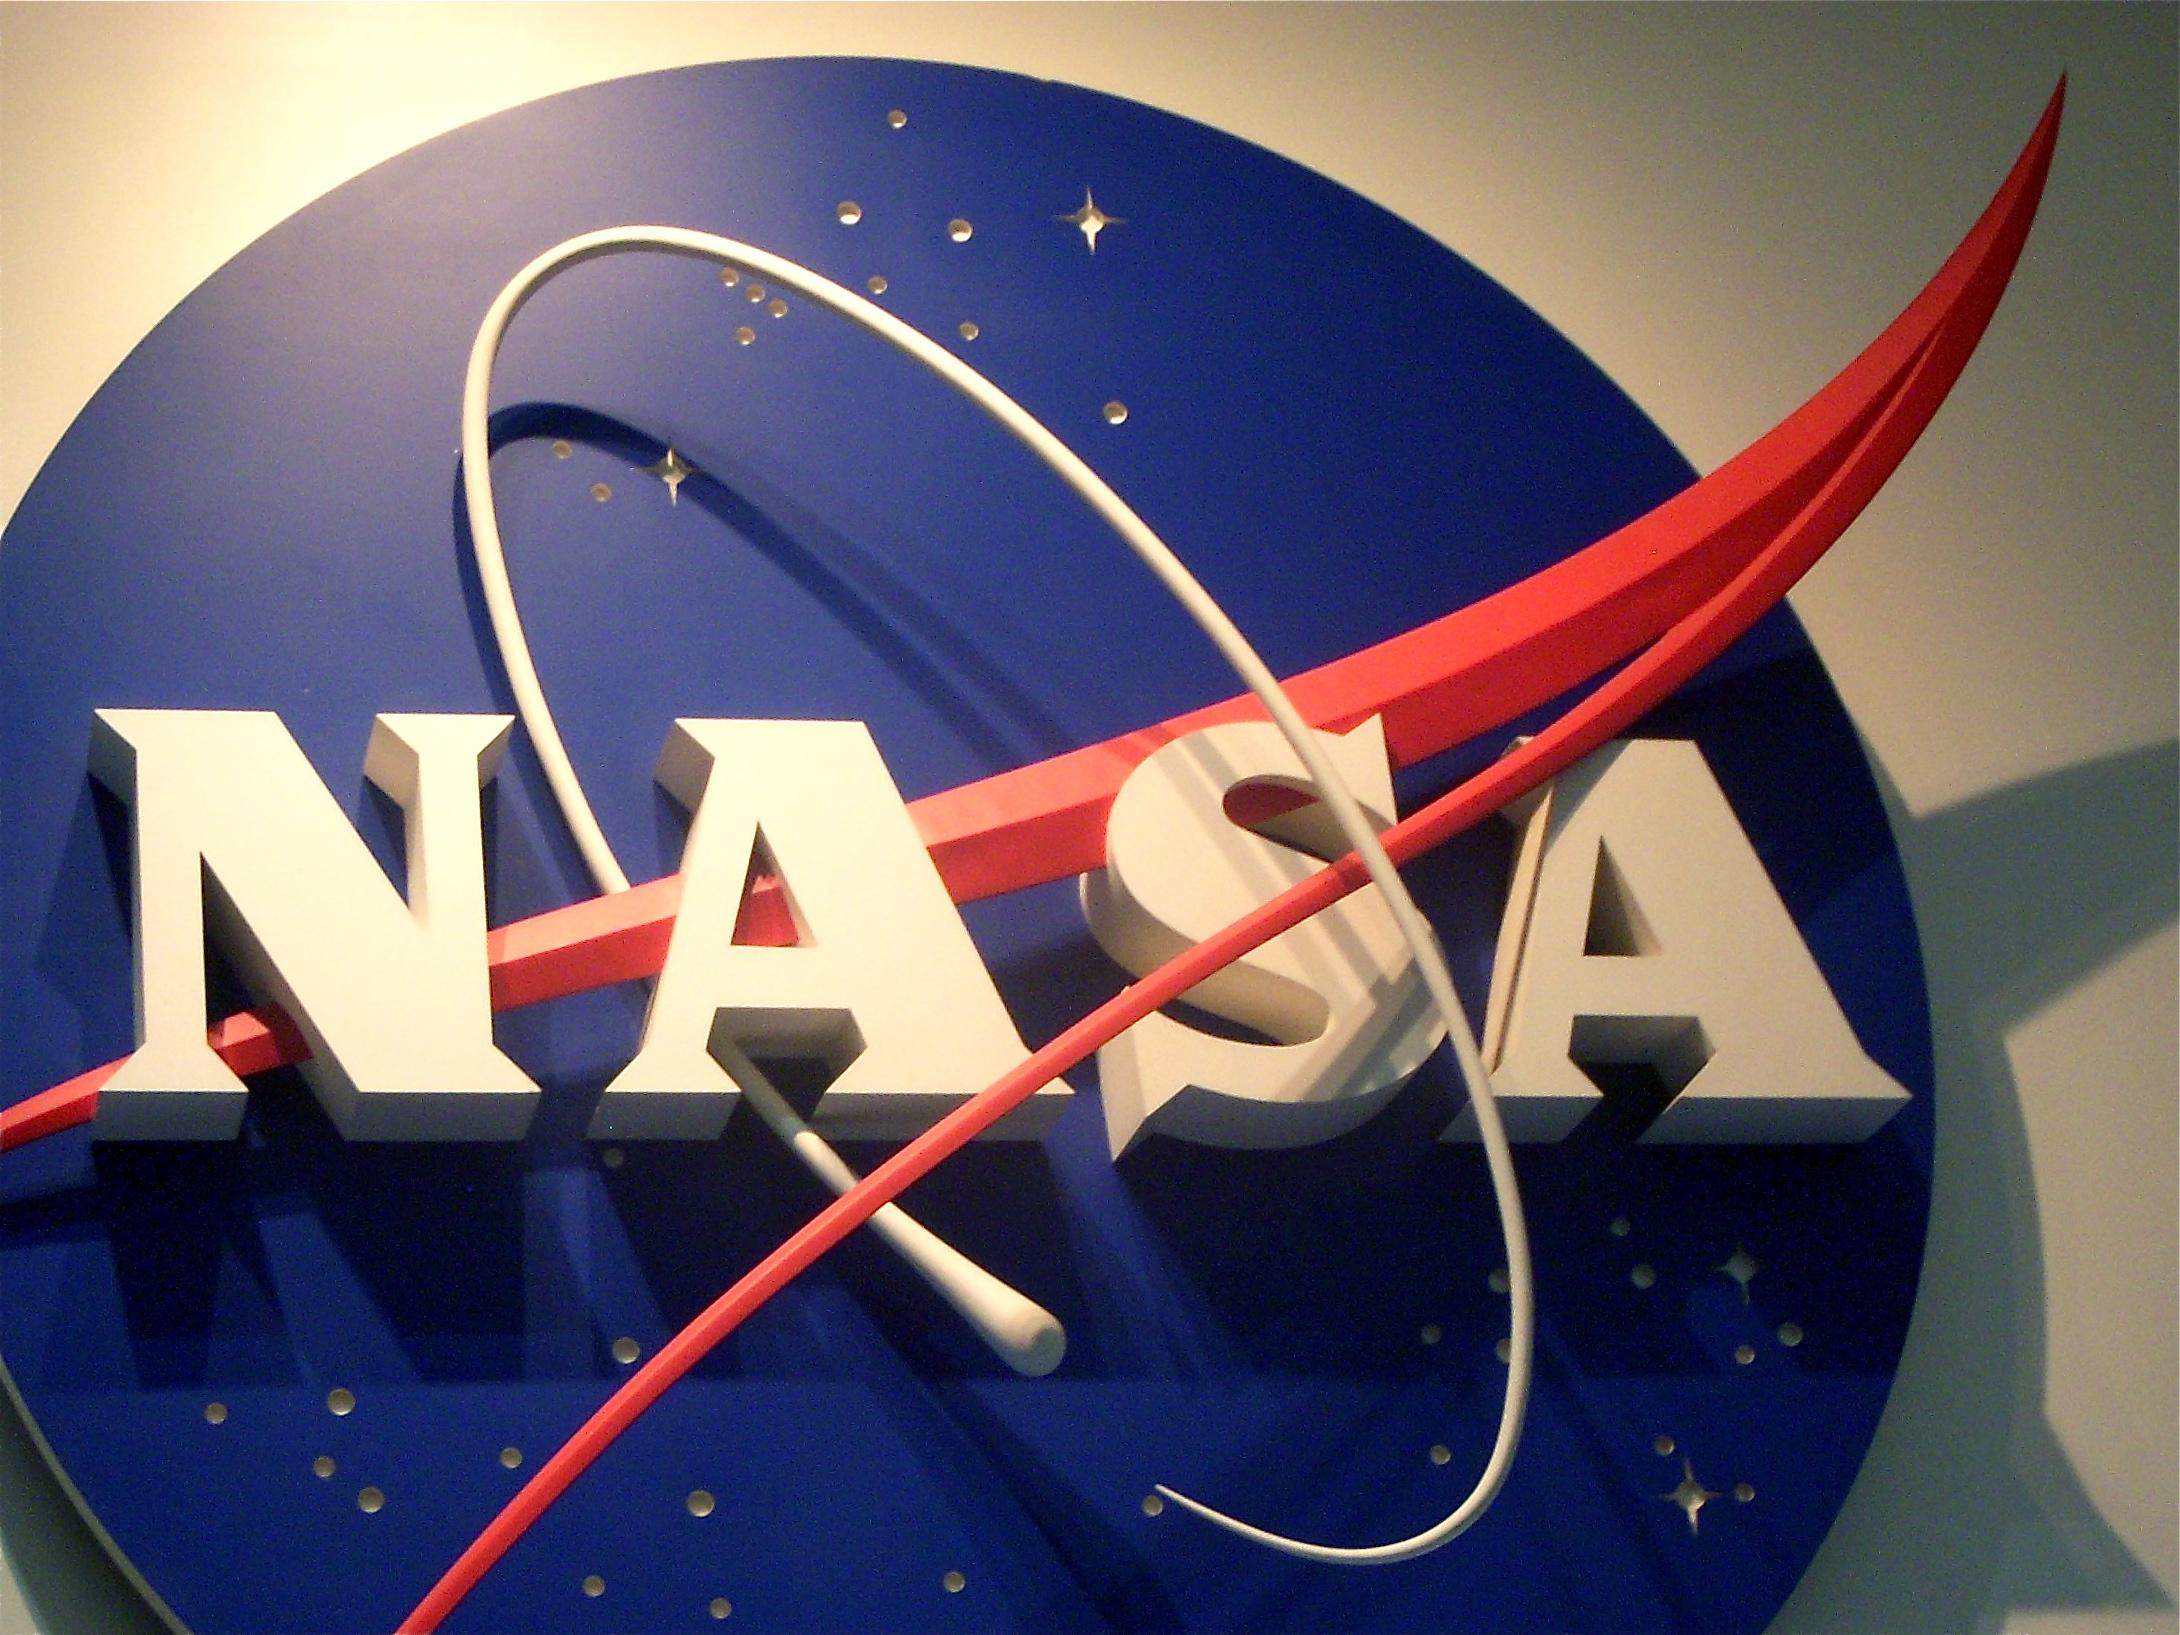 La Nasa è pronta: la conquista dello spazio parte da Marte